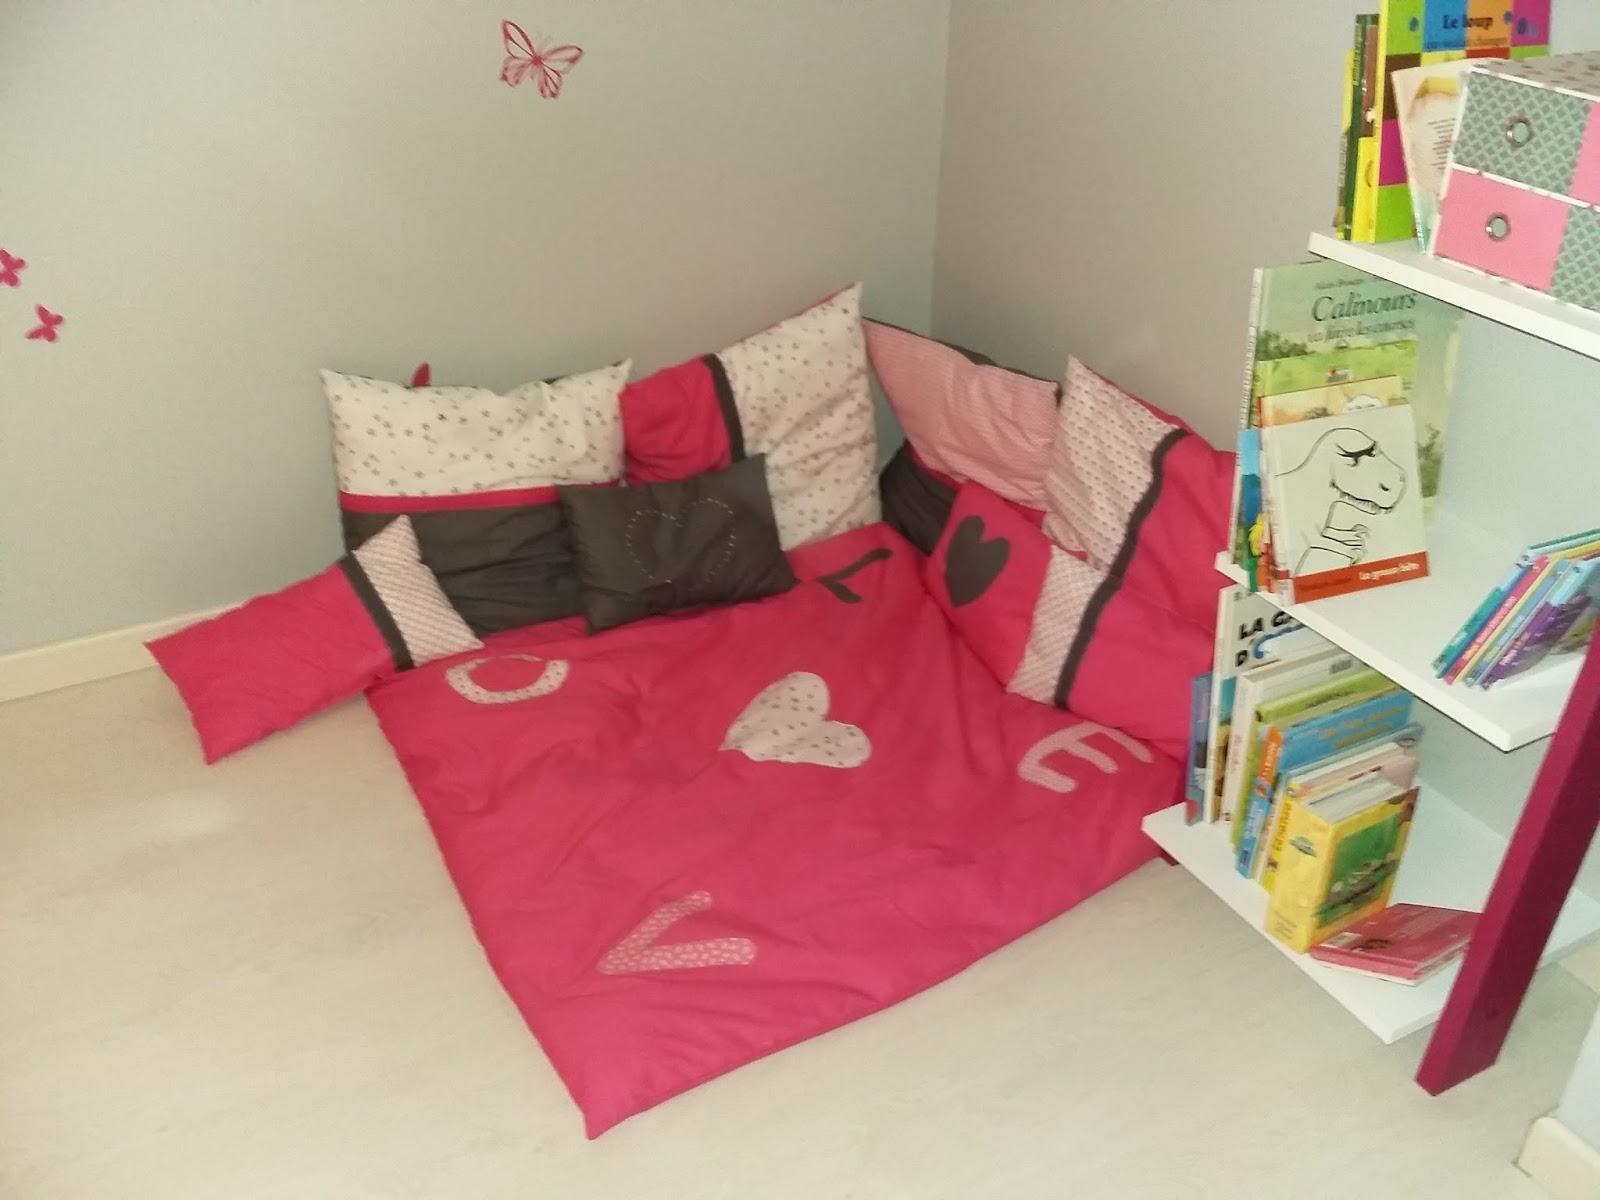 bricolage de l 39 id e la r alisation coin lecture. Black Bedroom Furniture Sets. Home Design Ideas